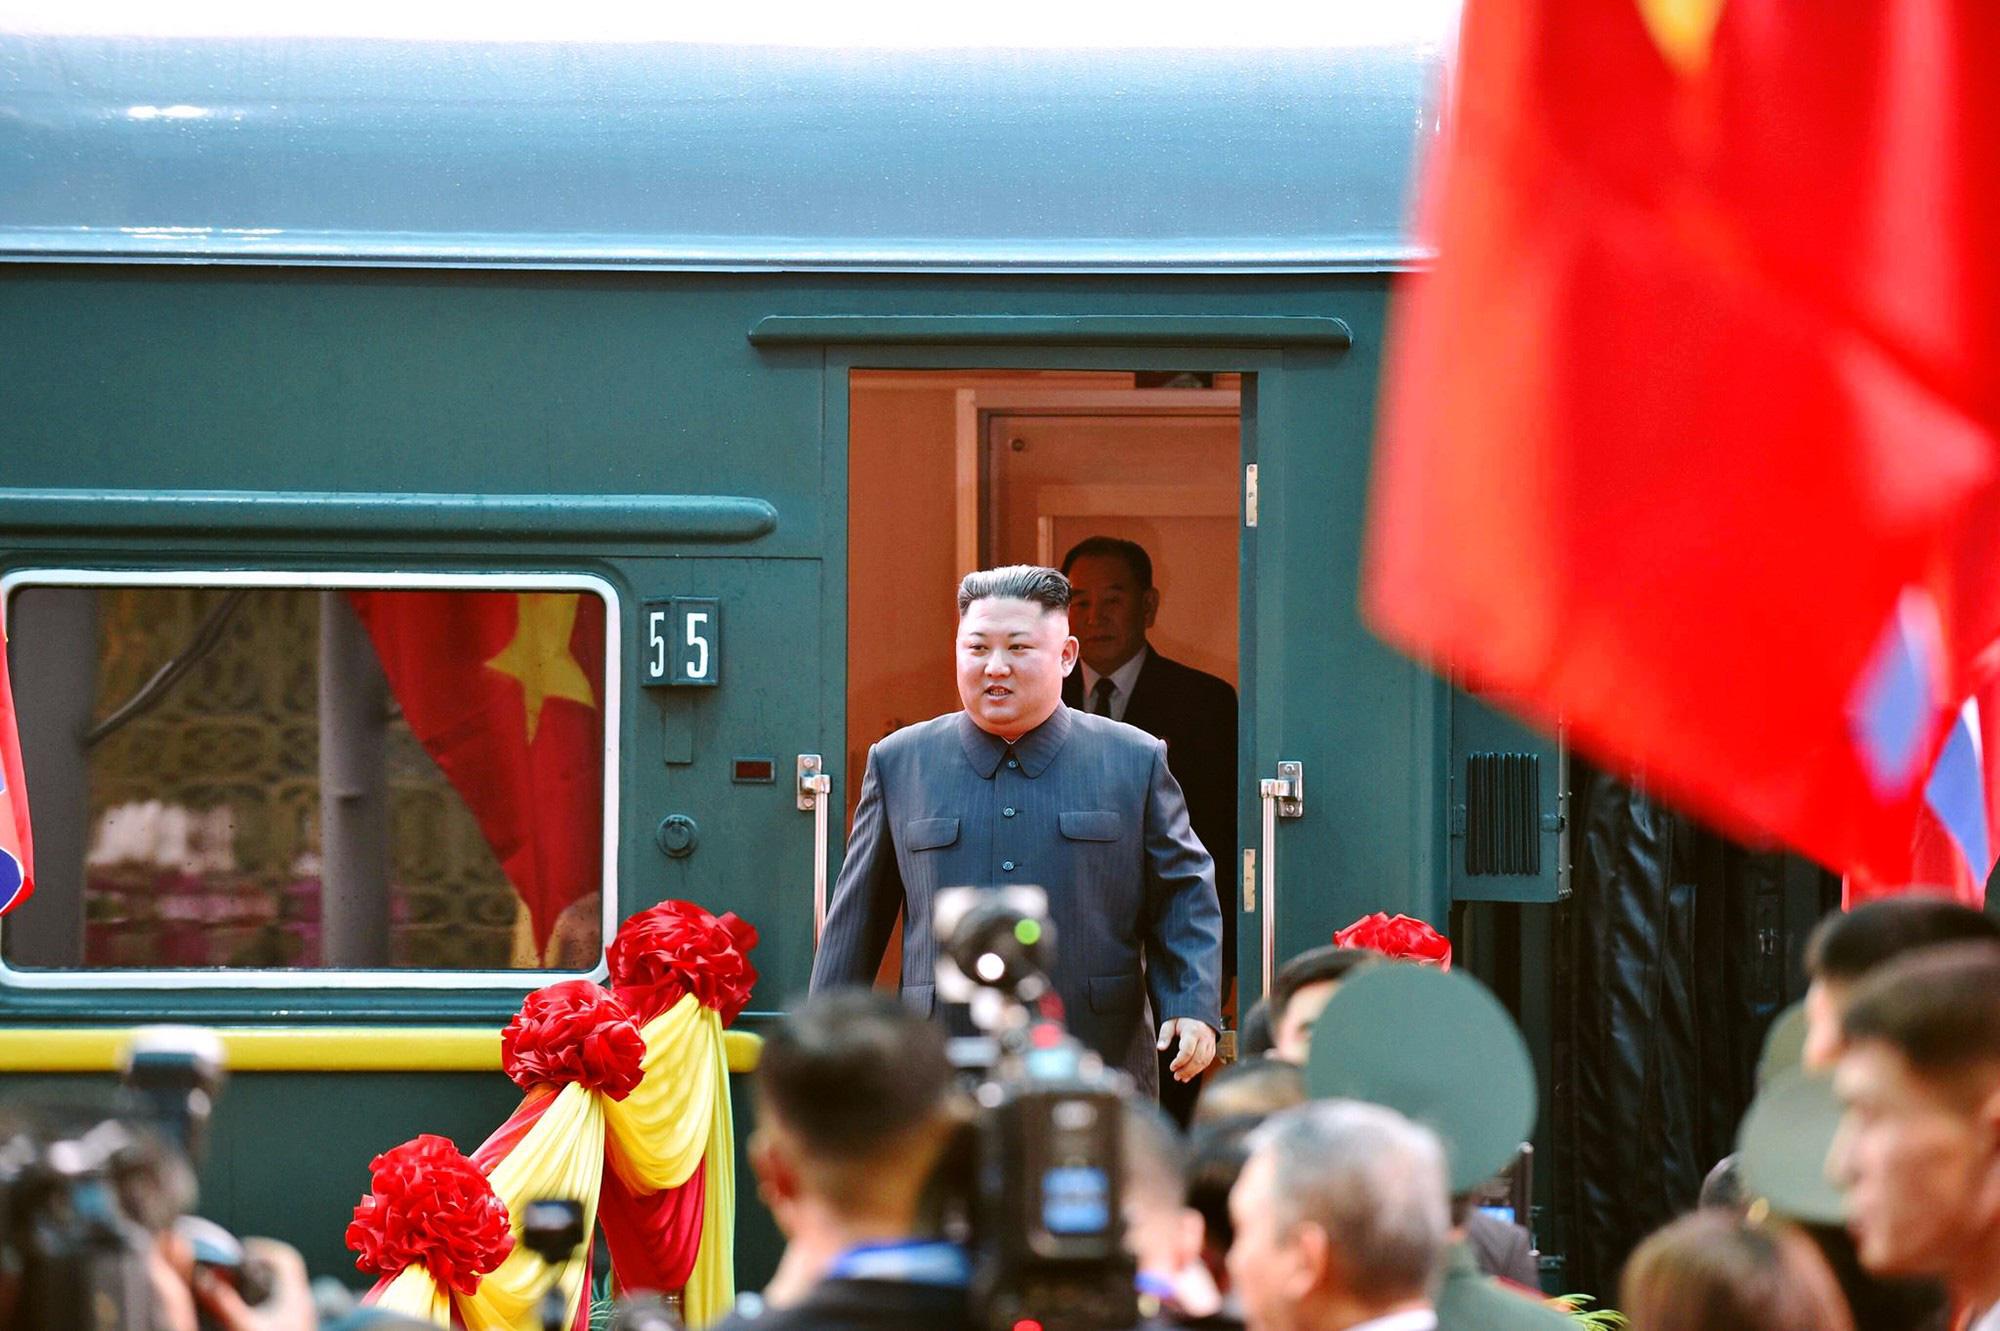 5 dấu ấn ngoại giao 2019: Tỏa sáng bản lĩnh, tinh thần và vị thế Việt Nam trên trường quốc tế - Ảnh 17.